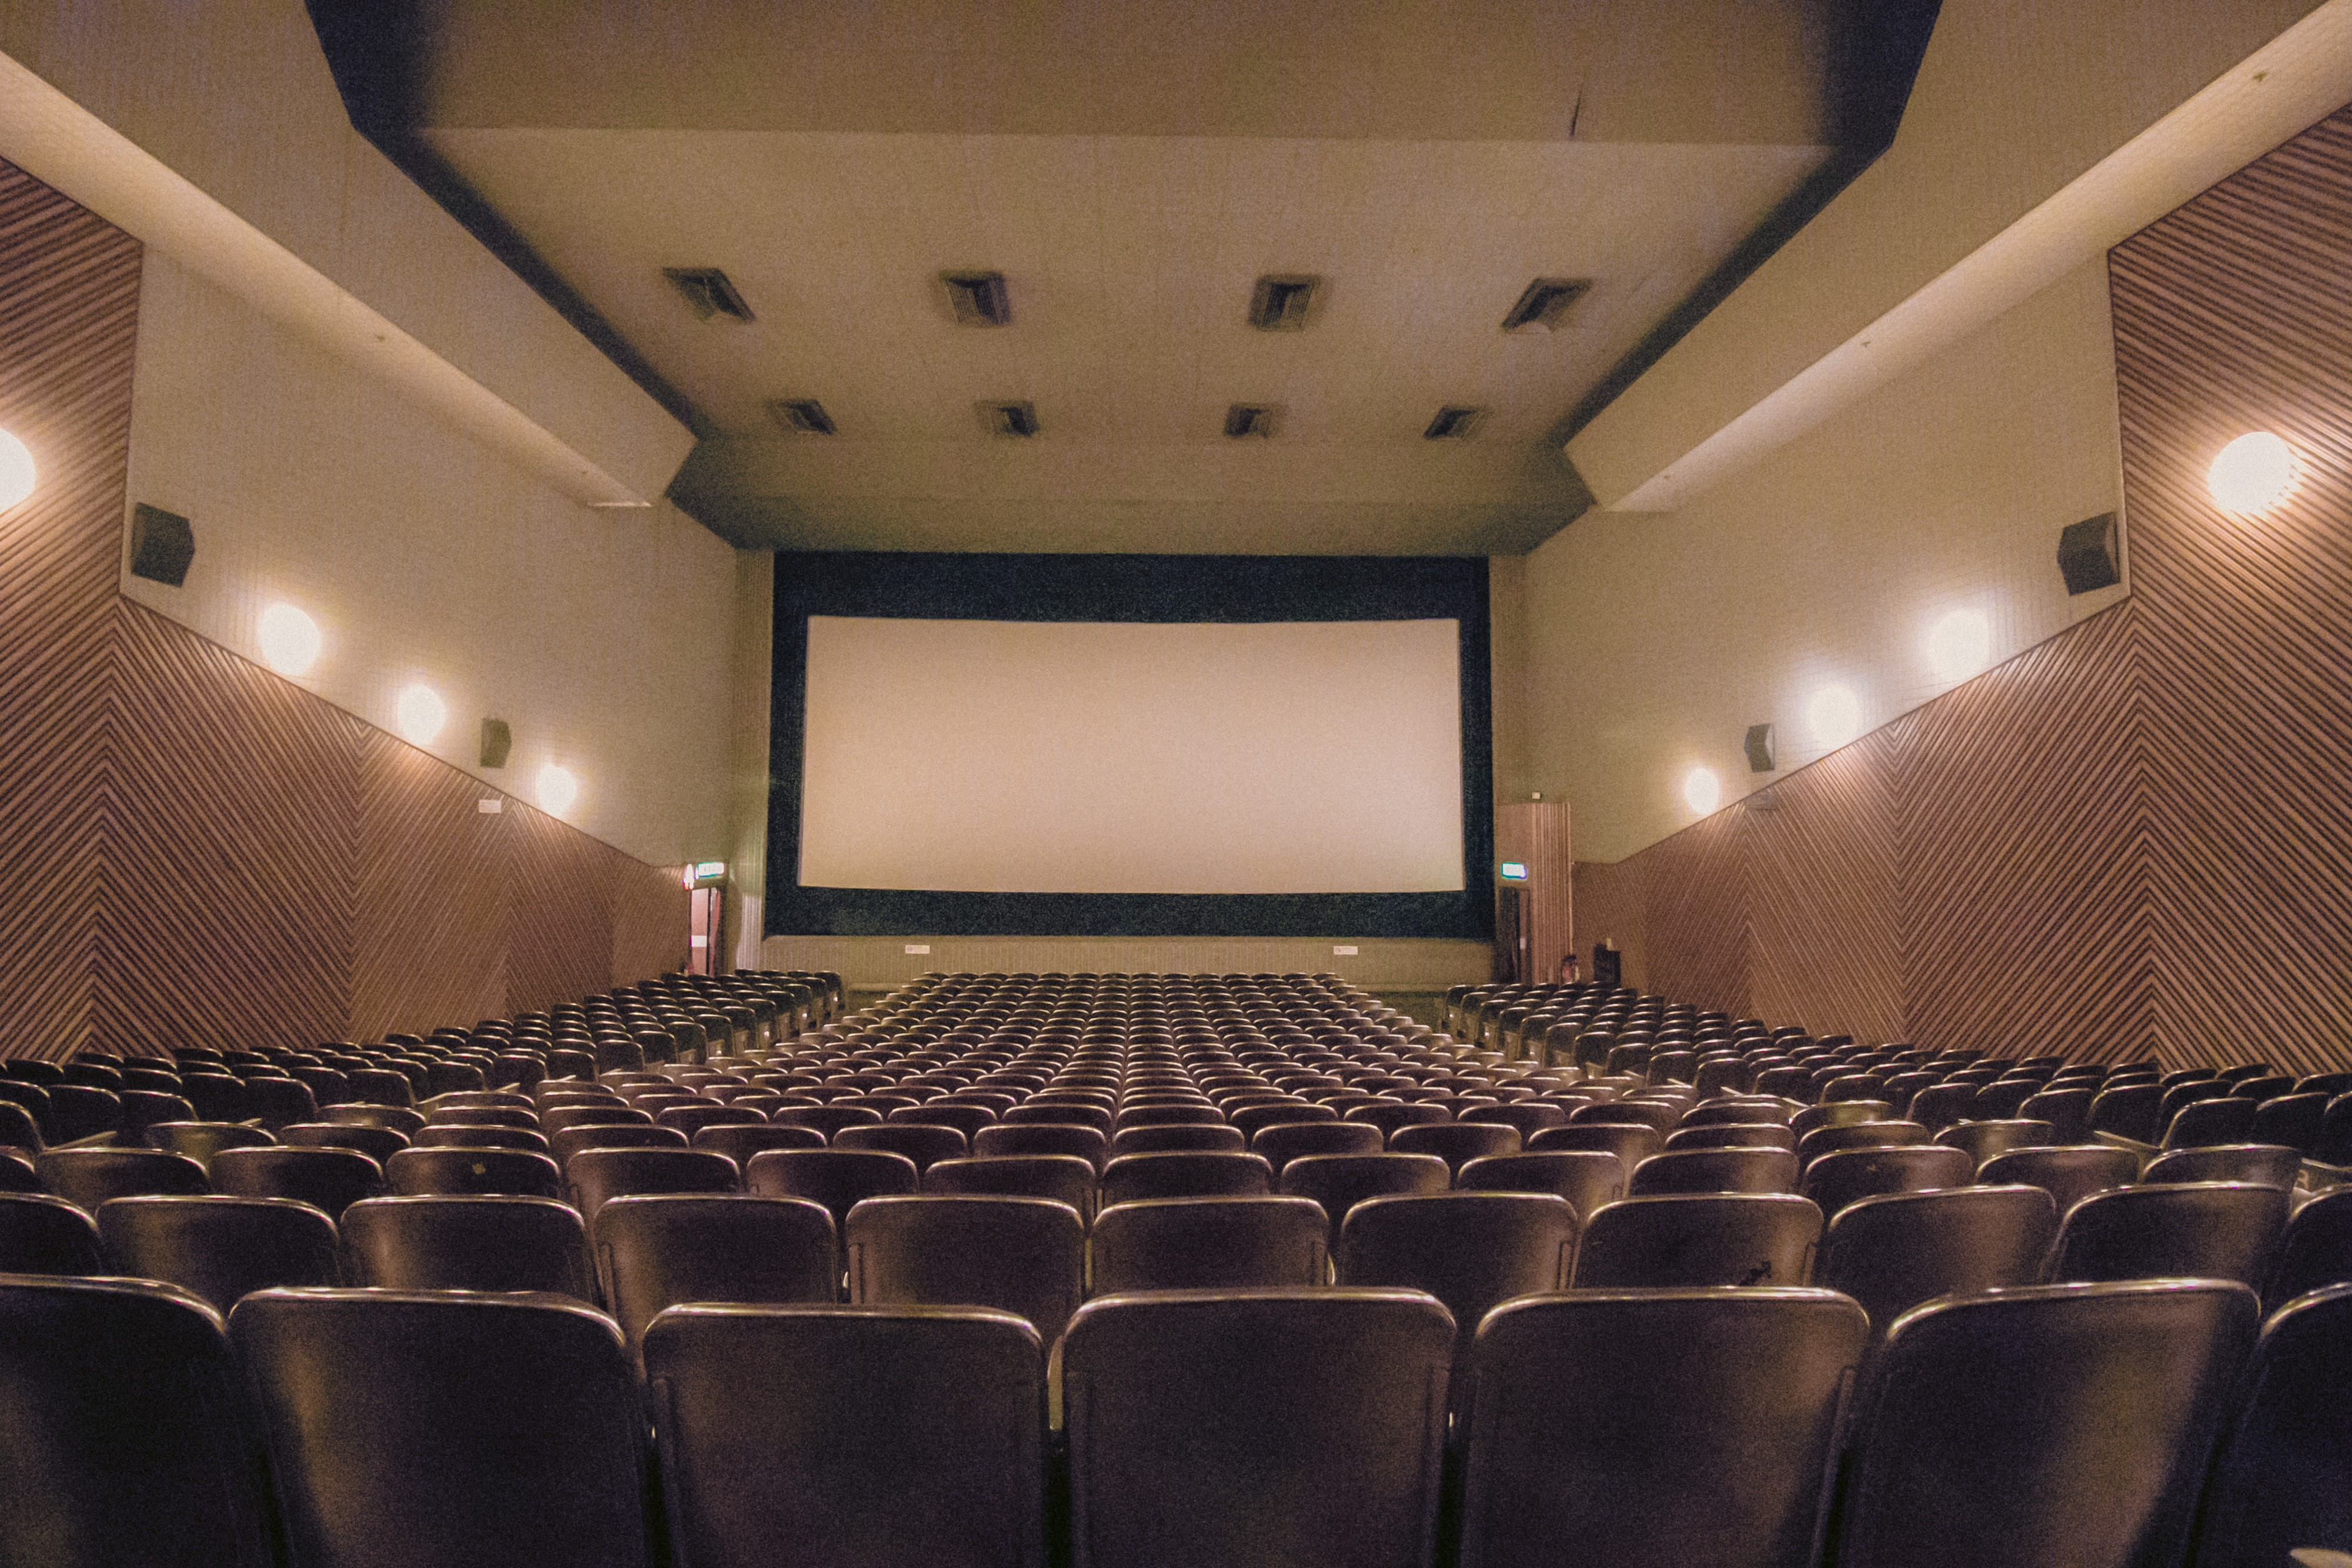 豪華戲院突然低調告別:回憶那個最好時代 | Will_PLAY> | 大娛樂家 - fanpiece